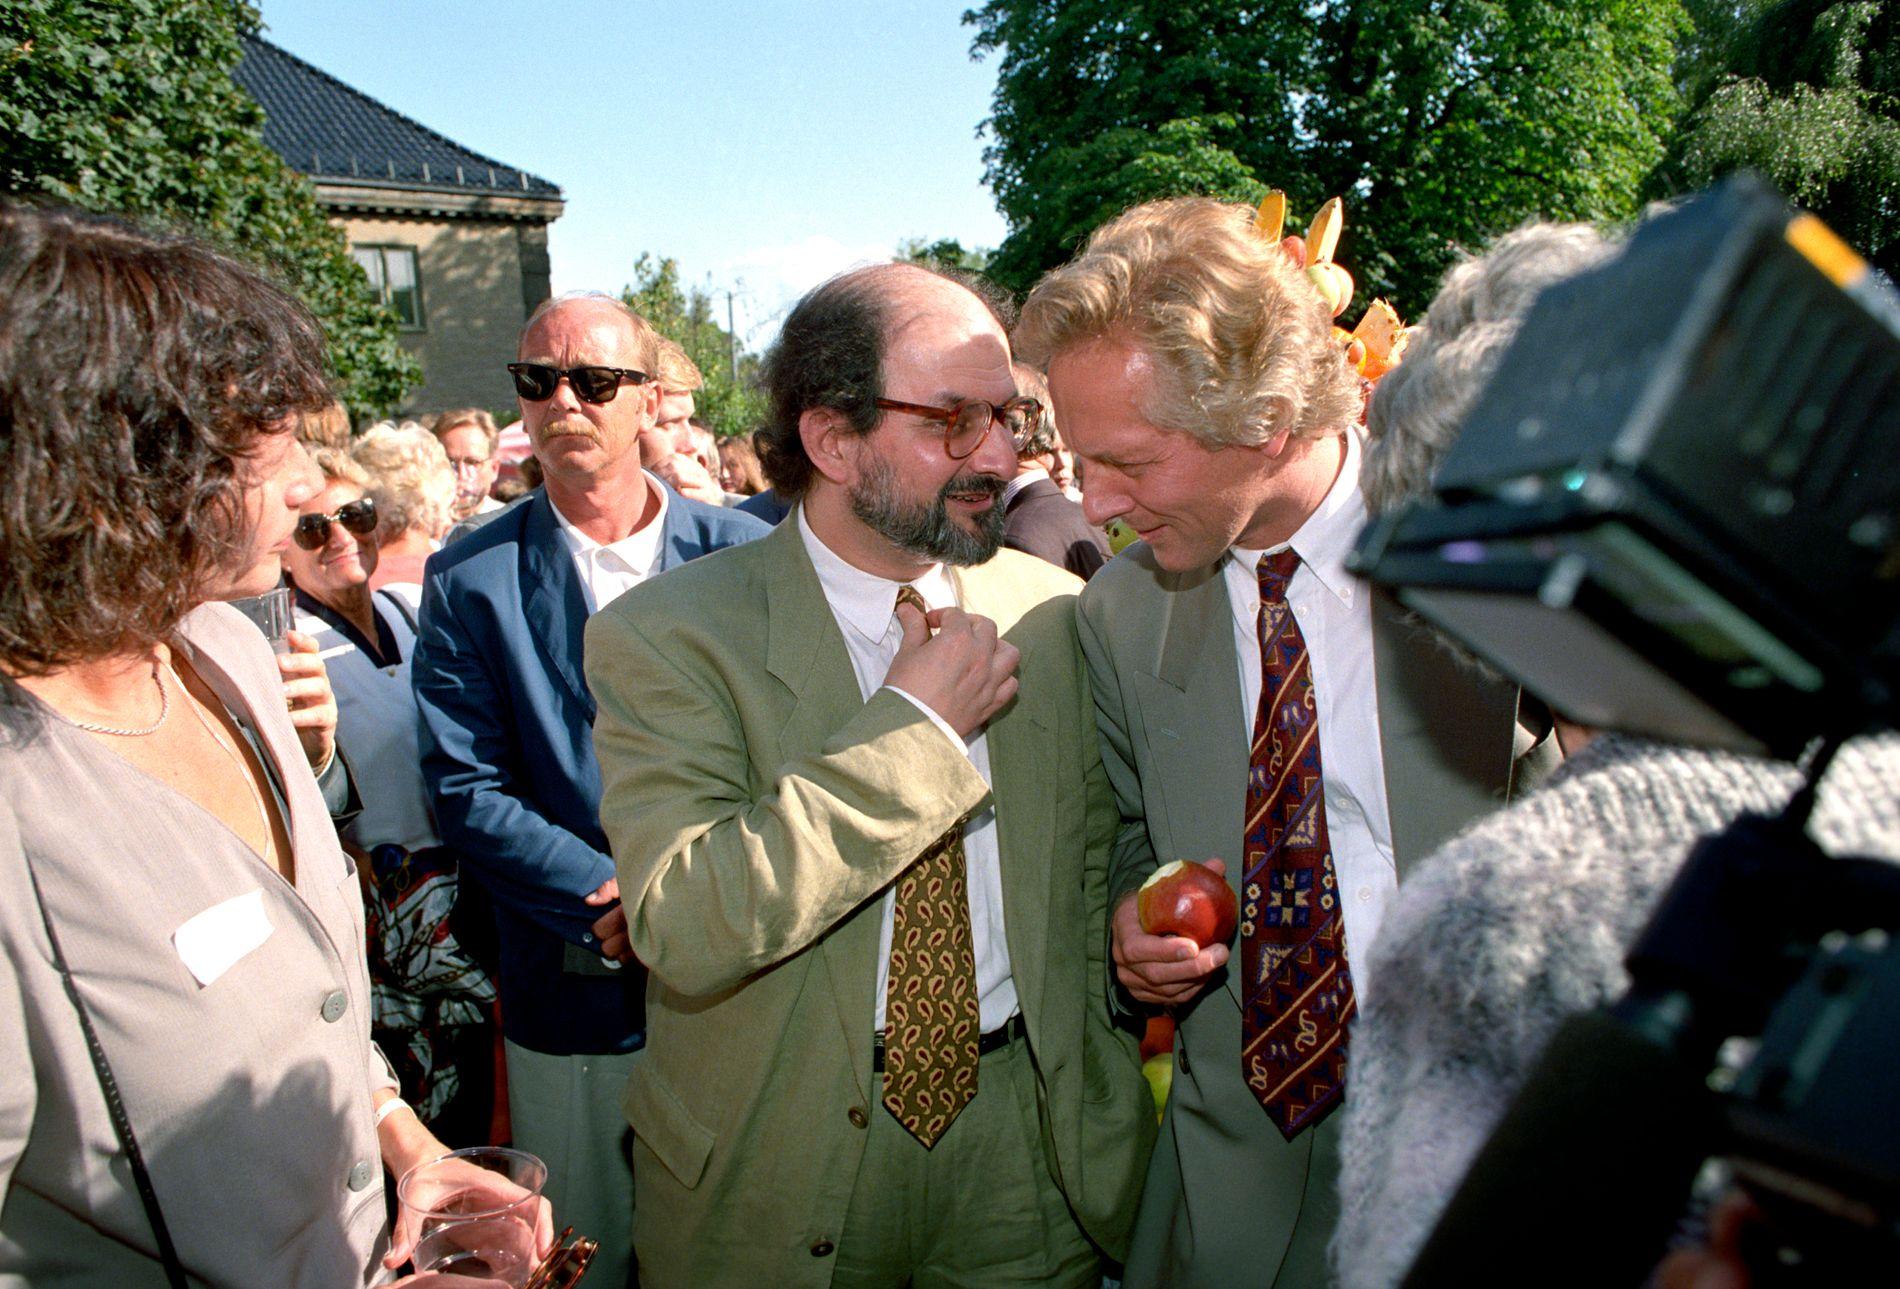 DRAPSFORSØK: Forfatter Salman Rushdie og forlagsdirektør William Nygaard under den tradisjonelle hagefesten til Aschehougs forlag. Bildet er tatt i 1992, ett år før Nygaard blir utsatt for drapforsøket utenfor sitt hjem i Oslo.